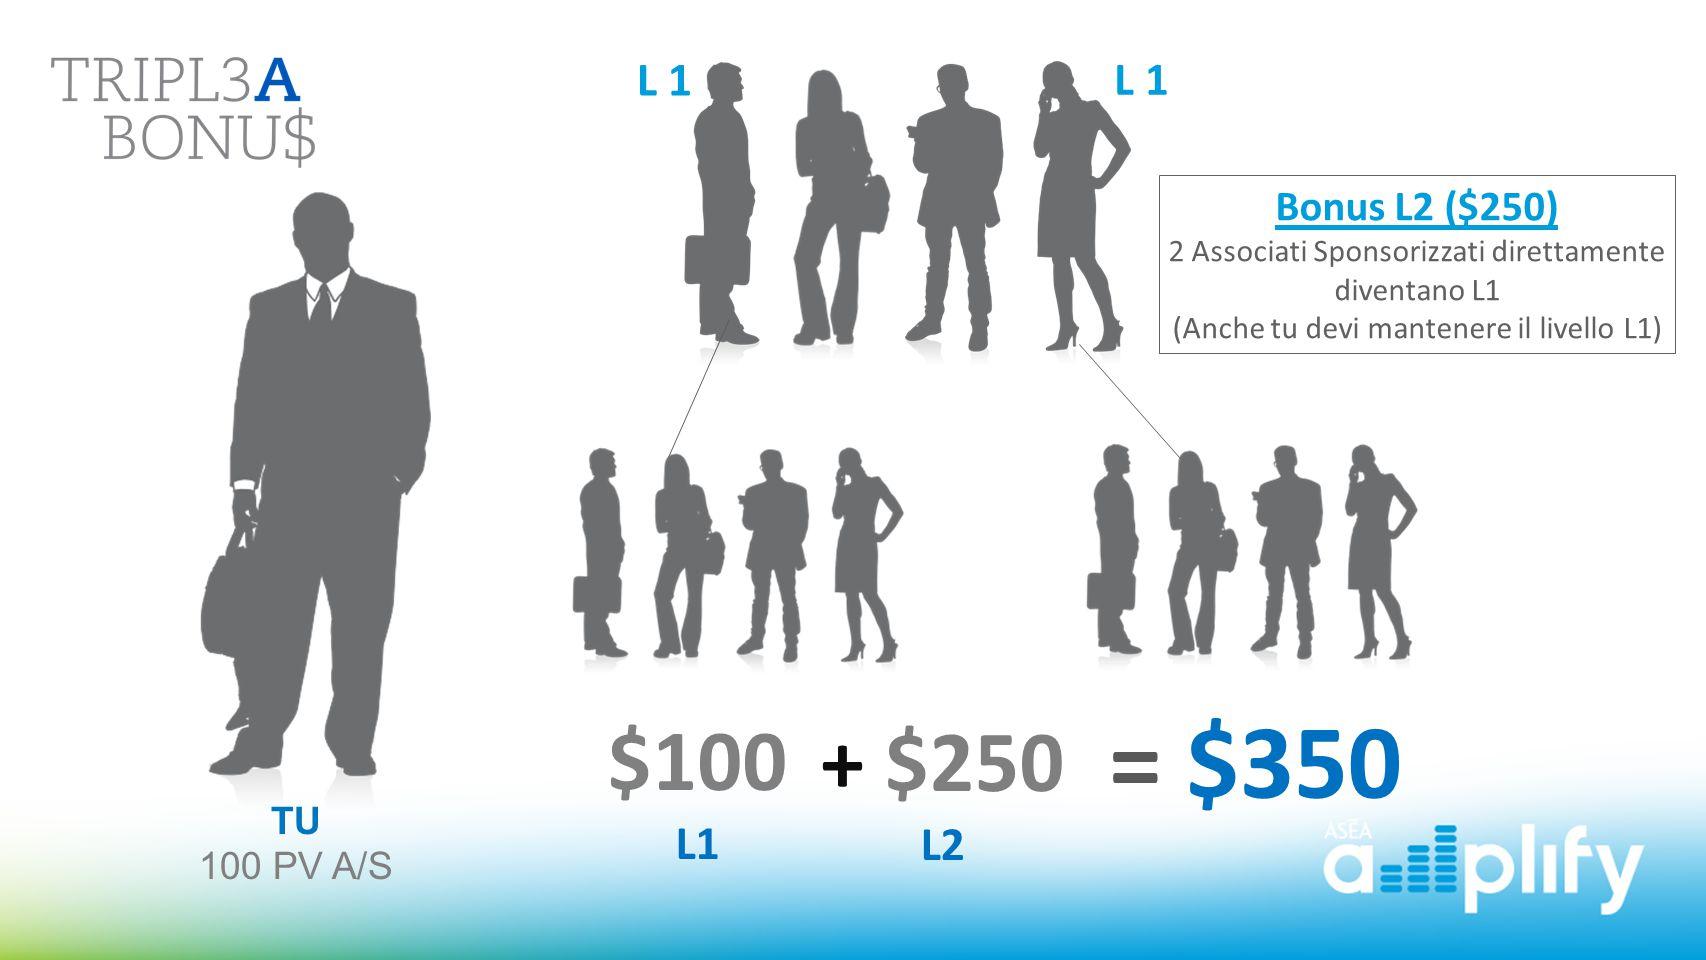 = $350 $100 L1 + $250 L2 L 1 L 1 Bonus L2 ($250) TU 100 PV A/S